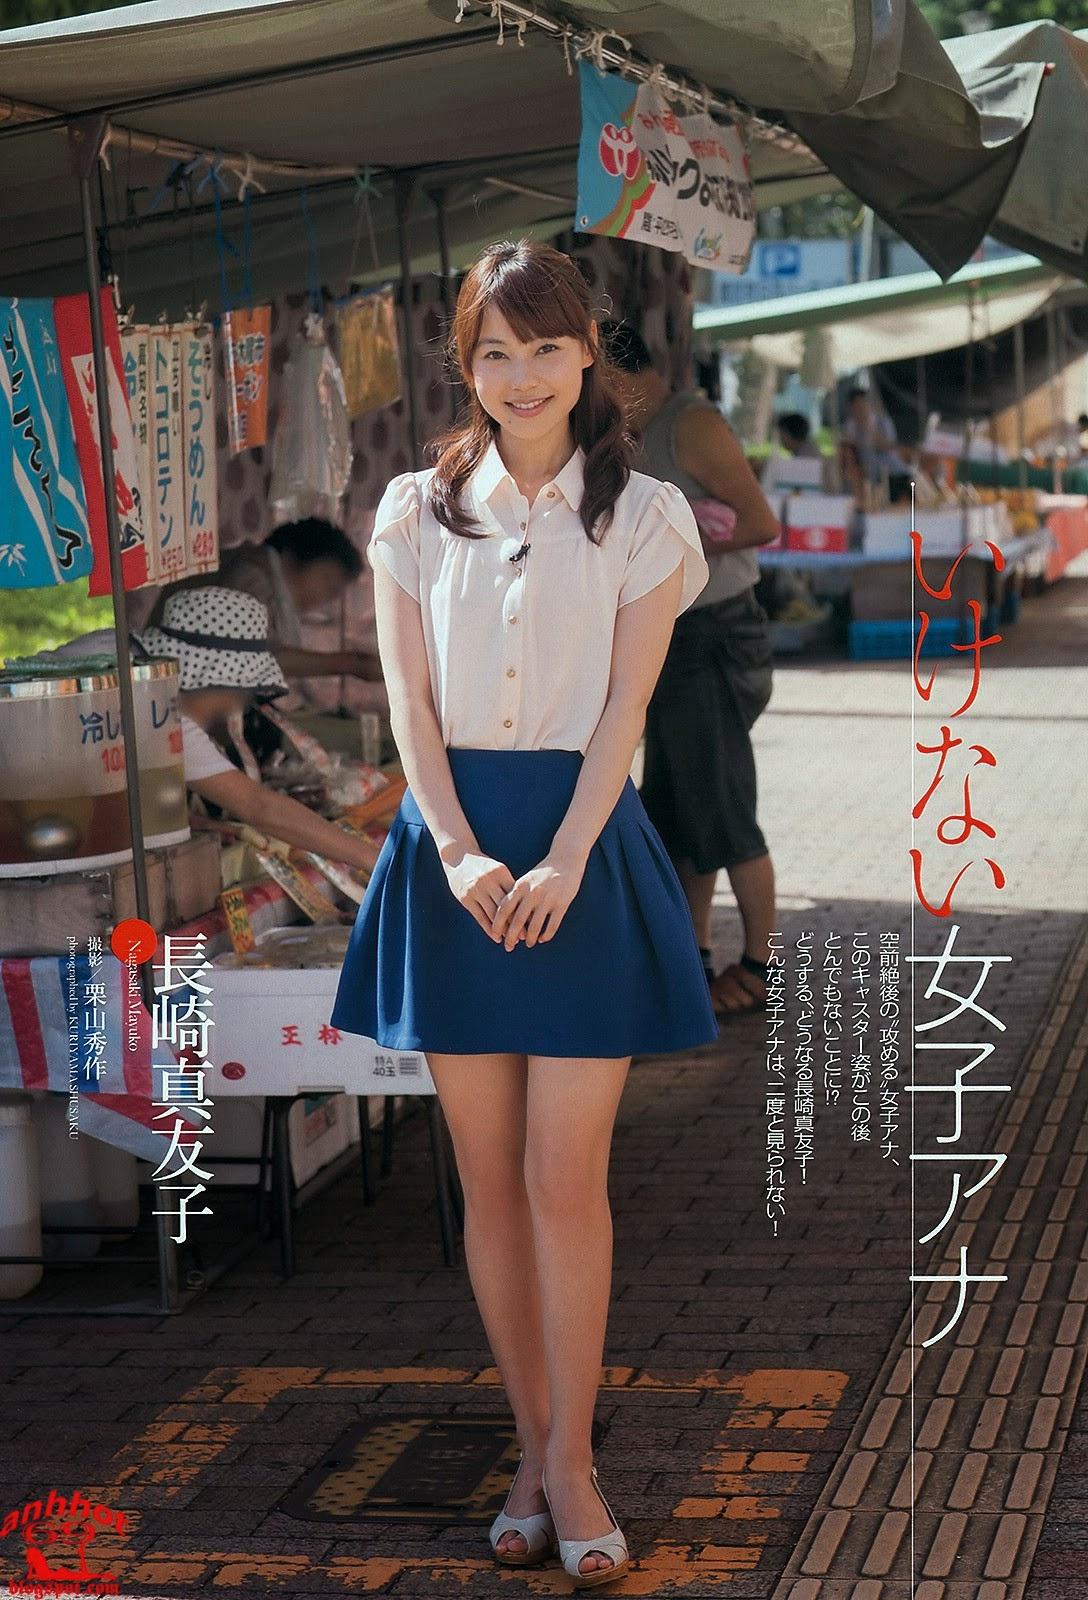 mayuko-nagasaki-02385708